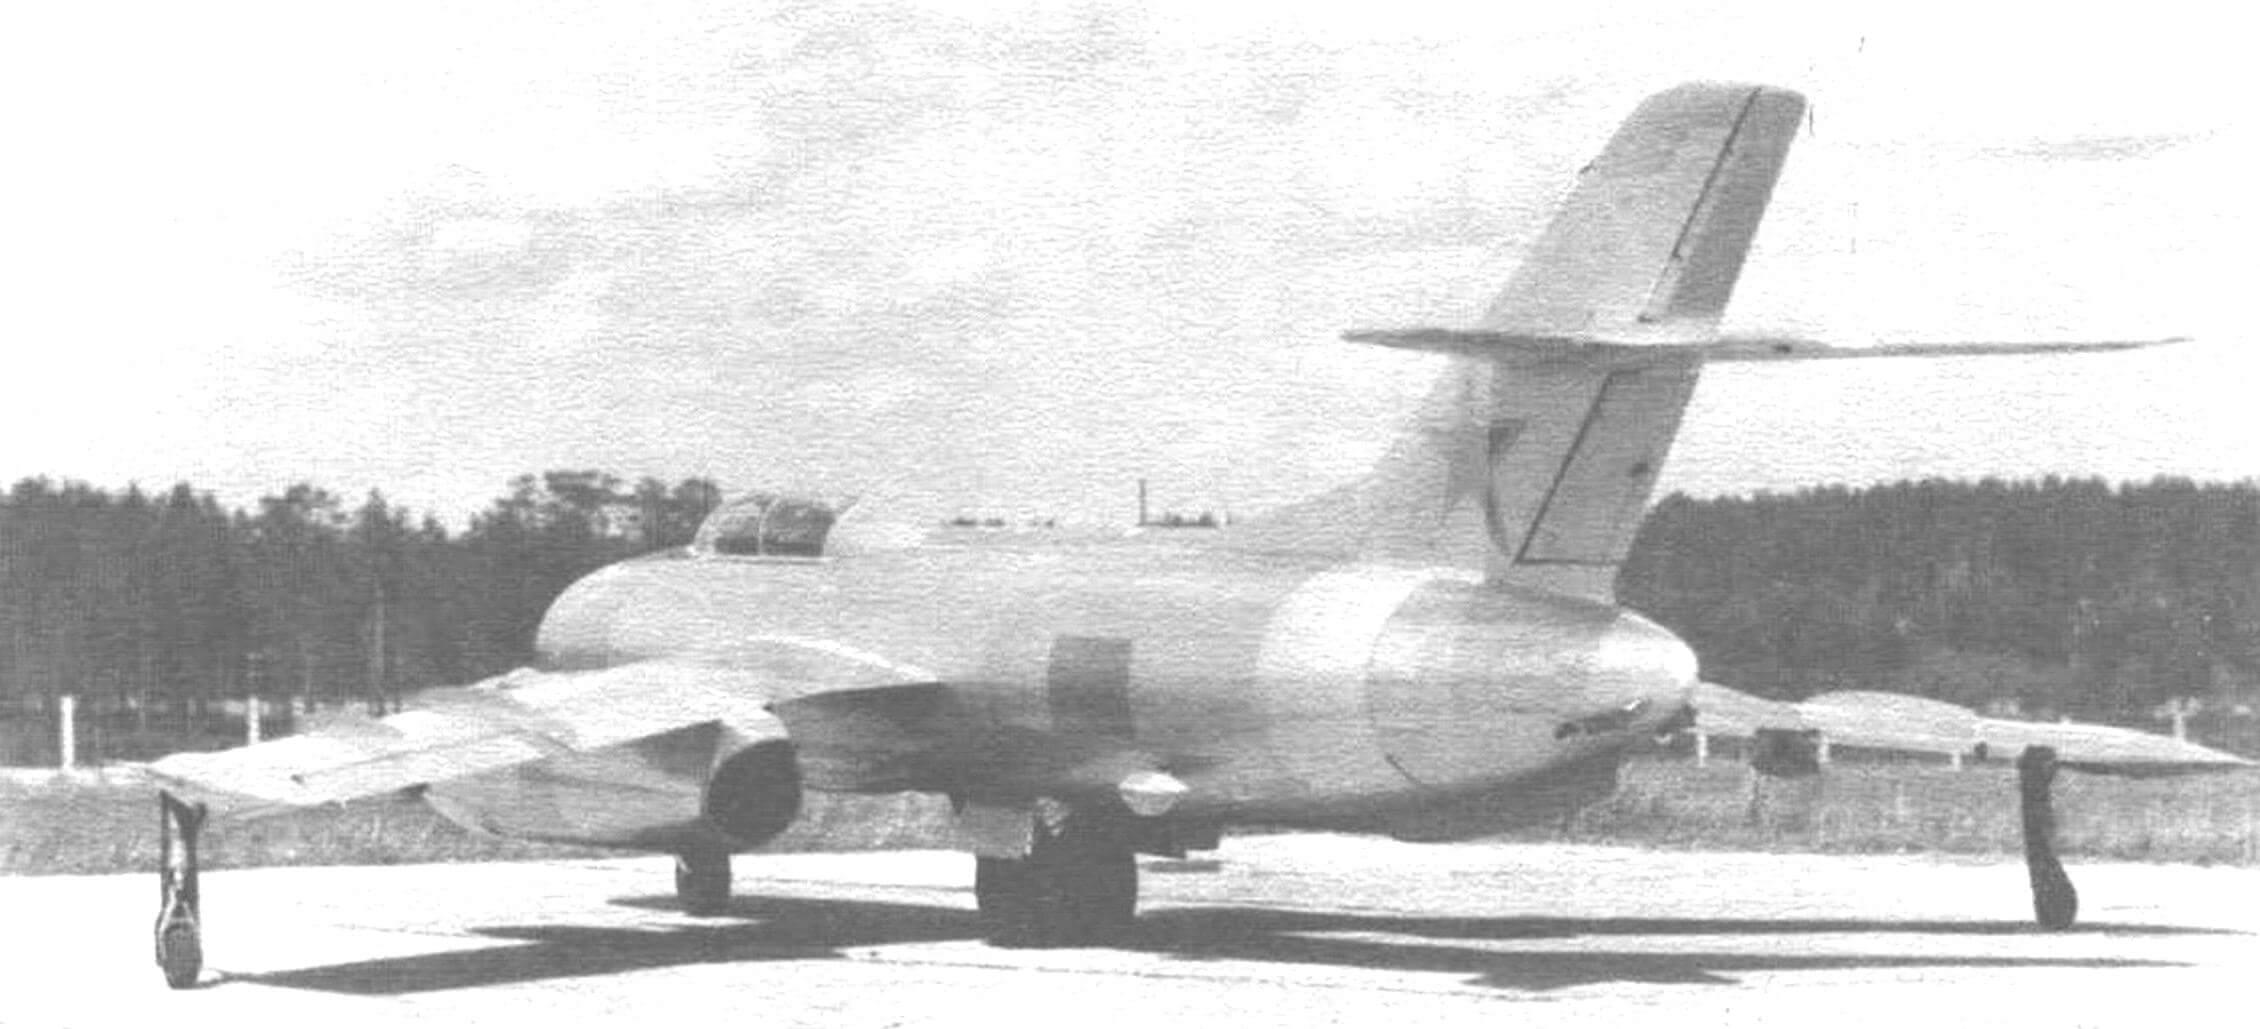 На фюзеляже Як-25К с ракетами К-7Л виден закрепленный сзади фотокинопулемет